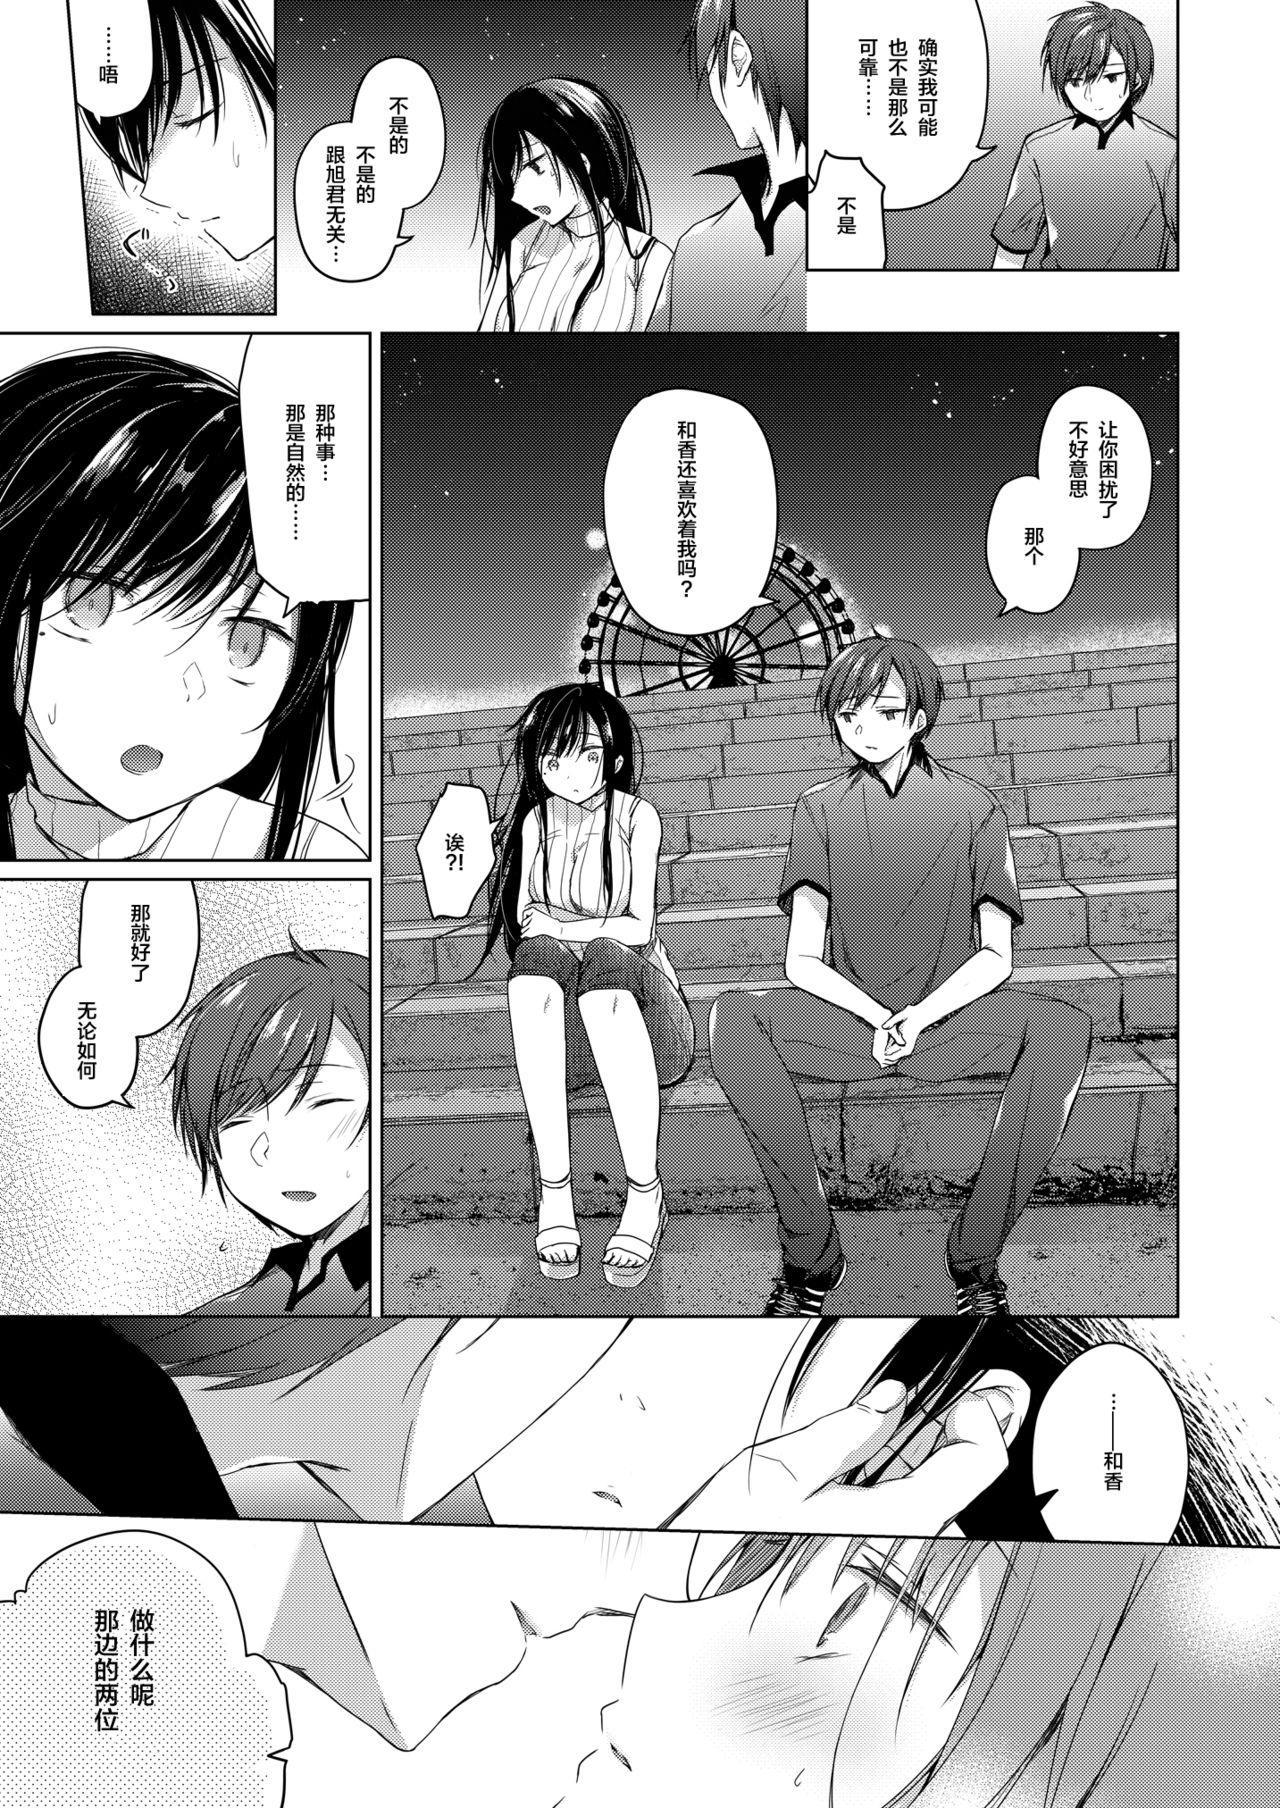 Ero Doujin Sakka no Boku no Kanojo wa Uwaki nante Shinai. 3 - She will never let me down. 16